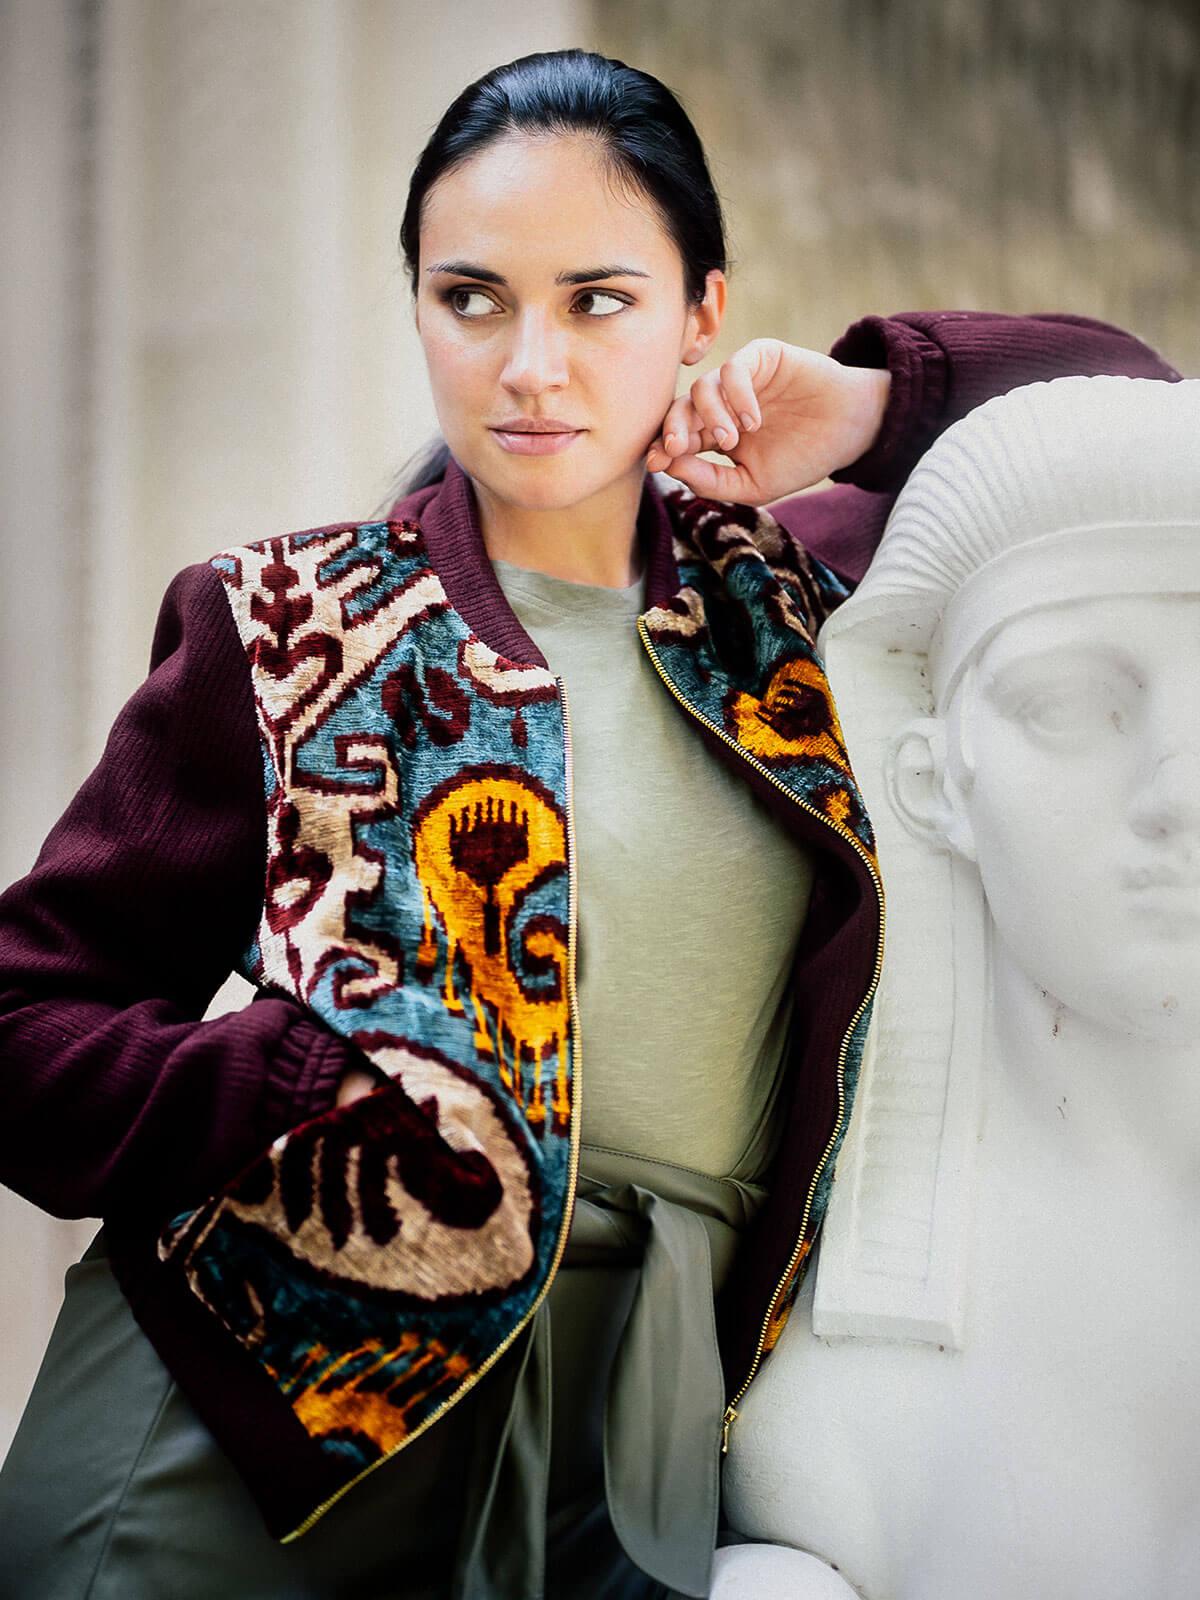 Junge Frau steht angelehnt an eine Statue in einer gemusterten Bomberjacke